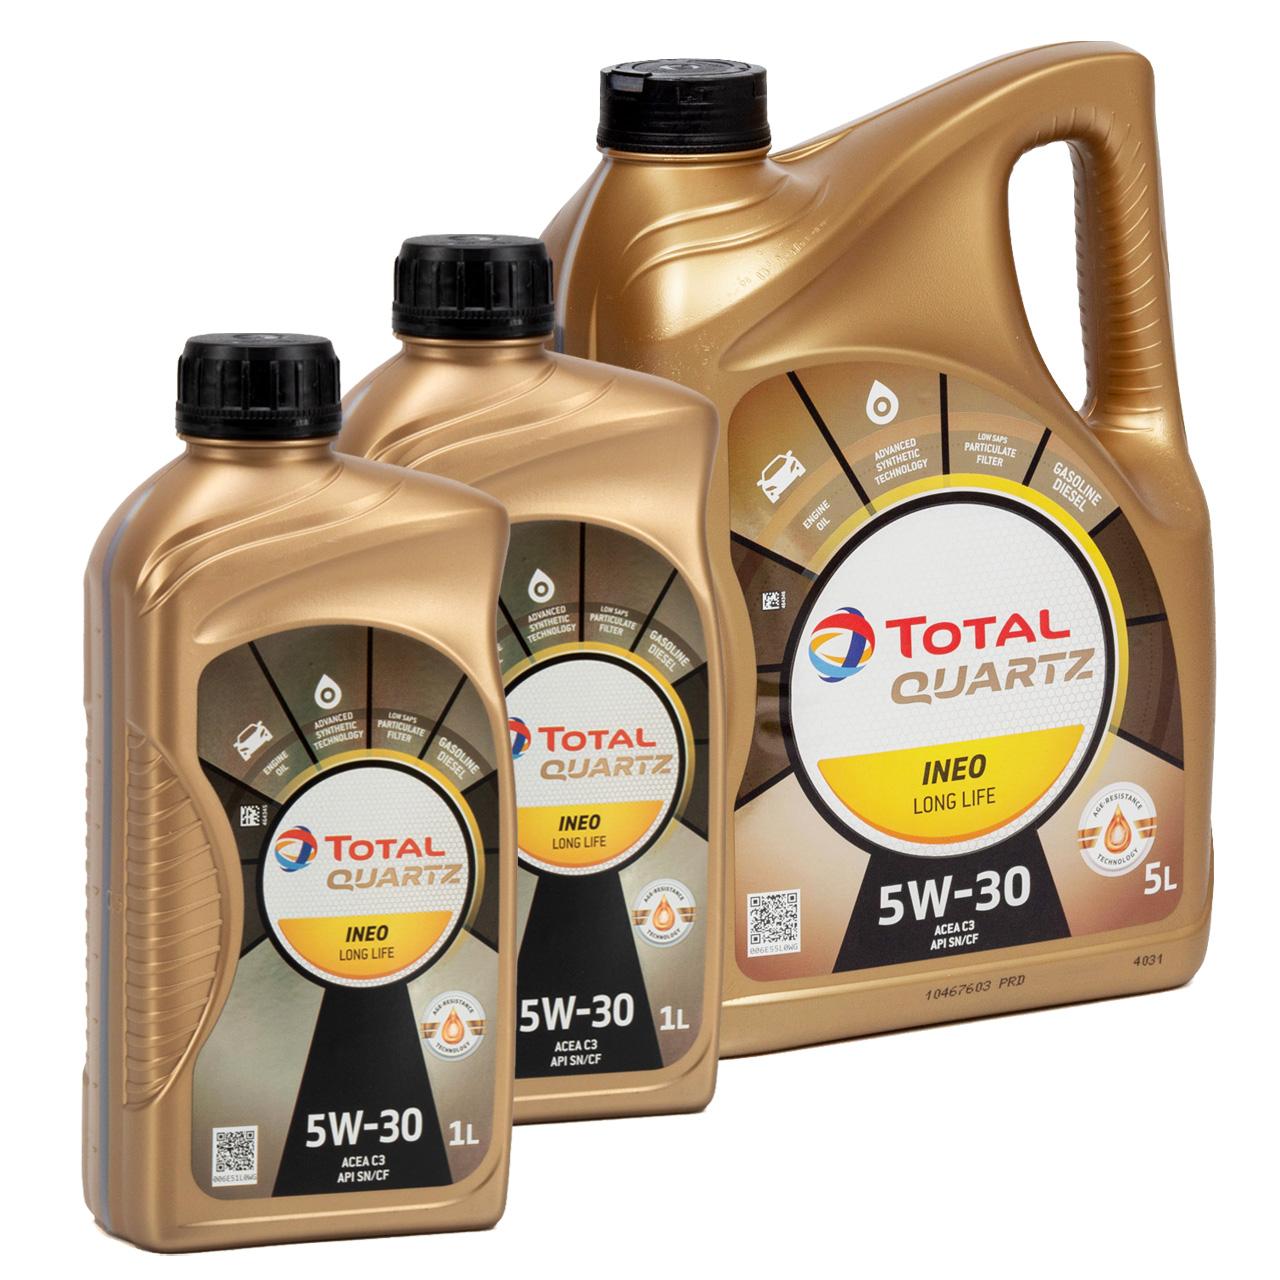 TOTAL QUARTZ INEO LONGLIFE 5W30 Motoröl Öl VW 504/507.00 MB 229.51 - 7L 7 Liter